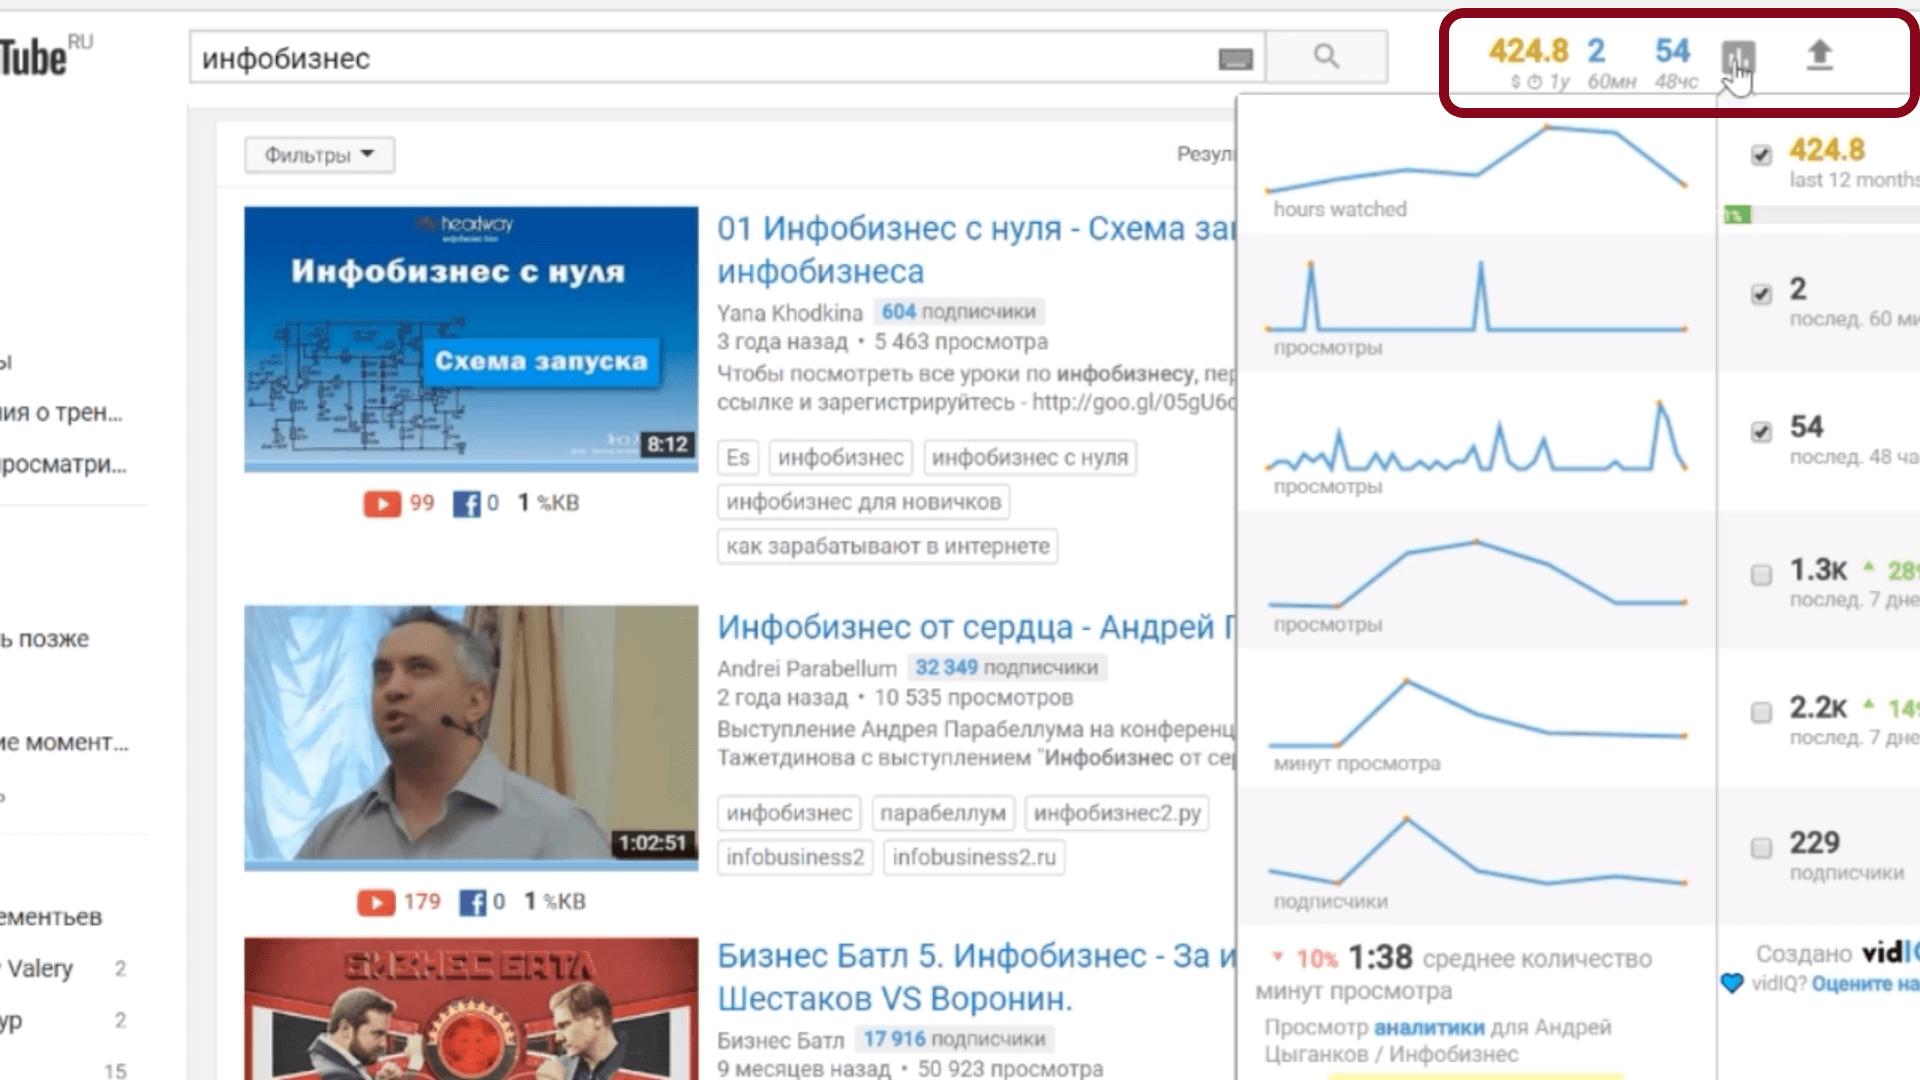 seo оптимизация видео на ютуб